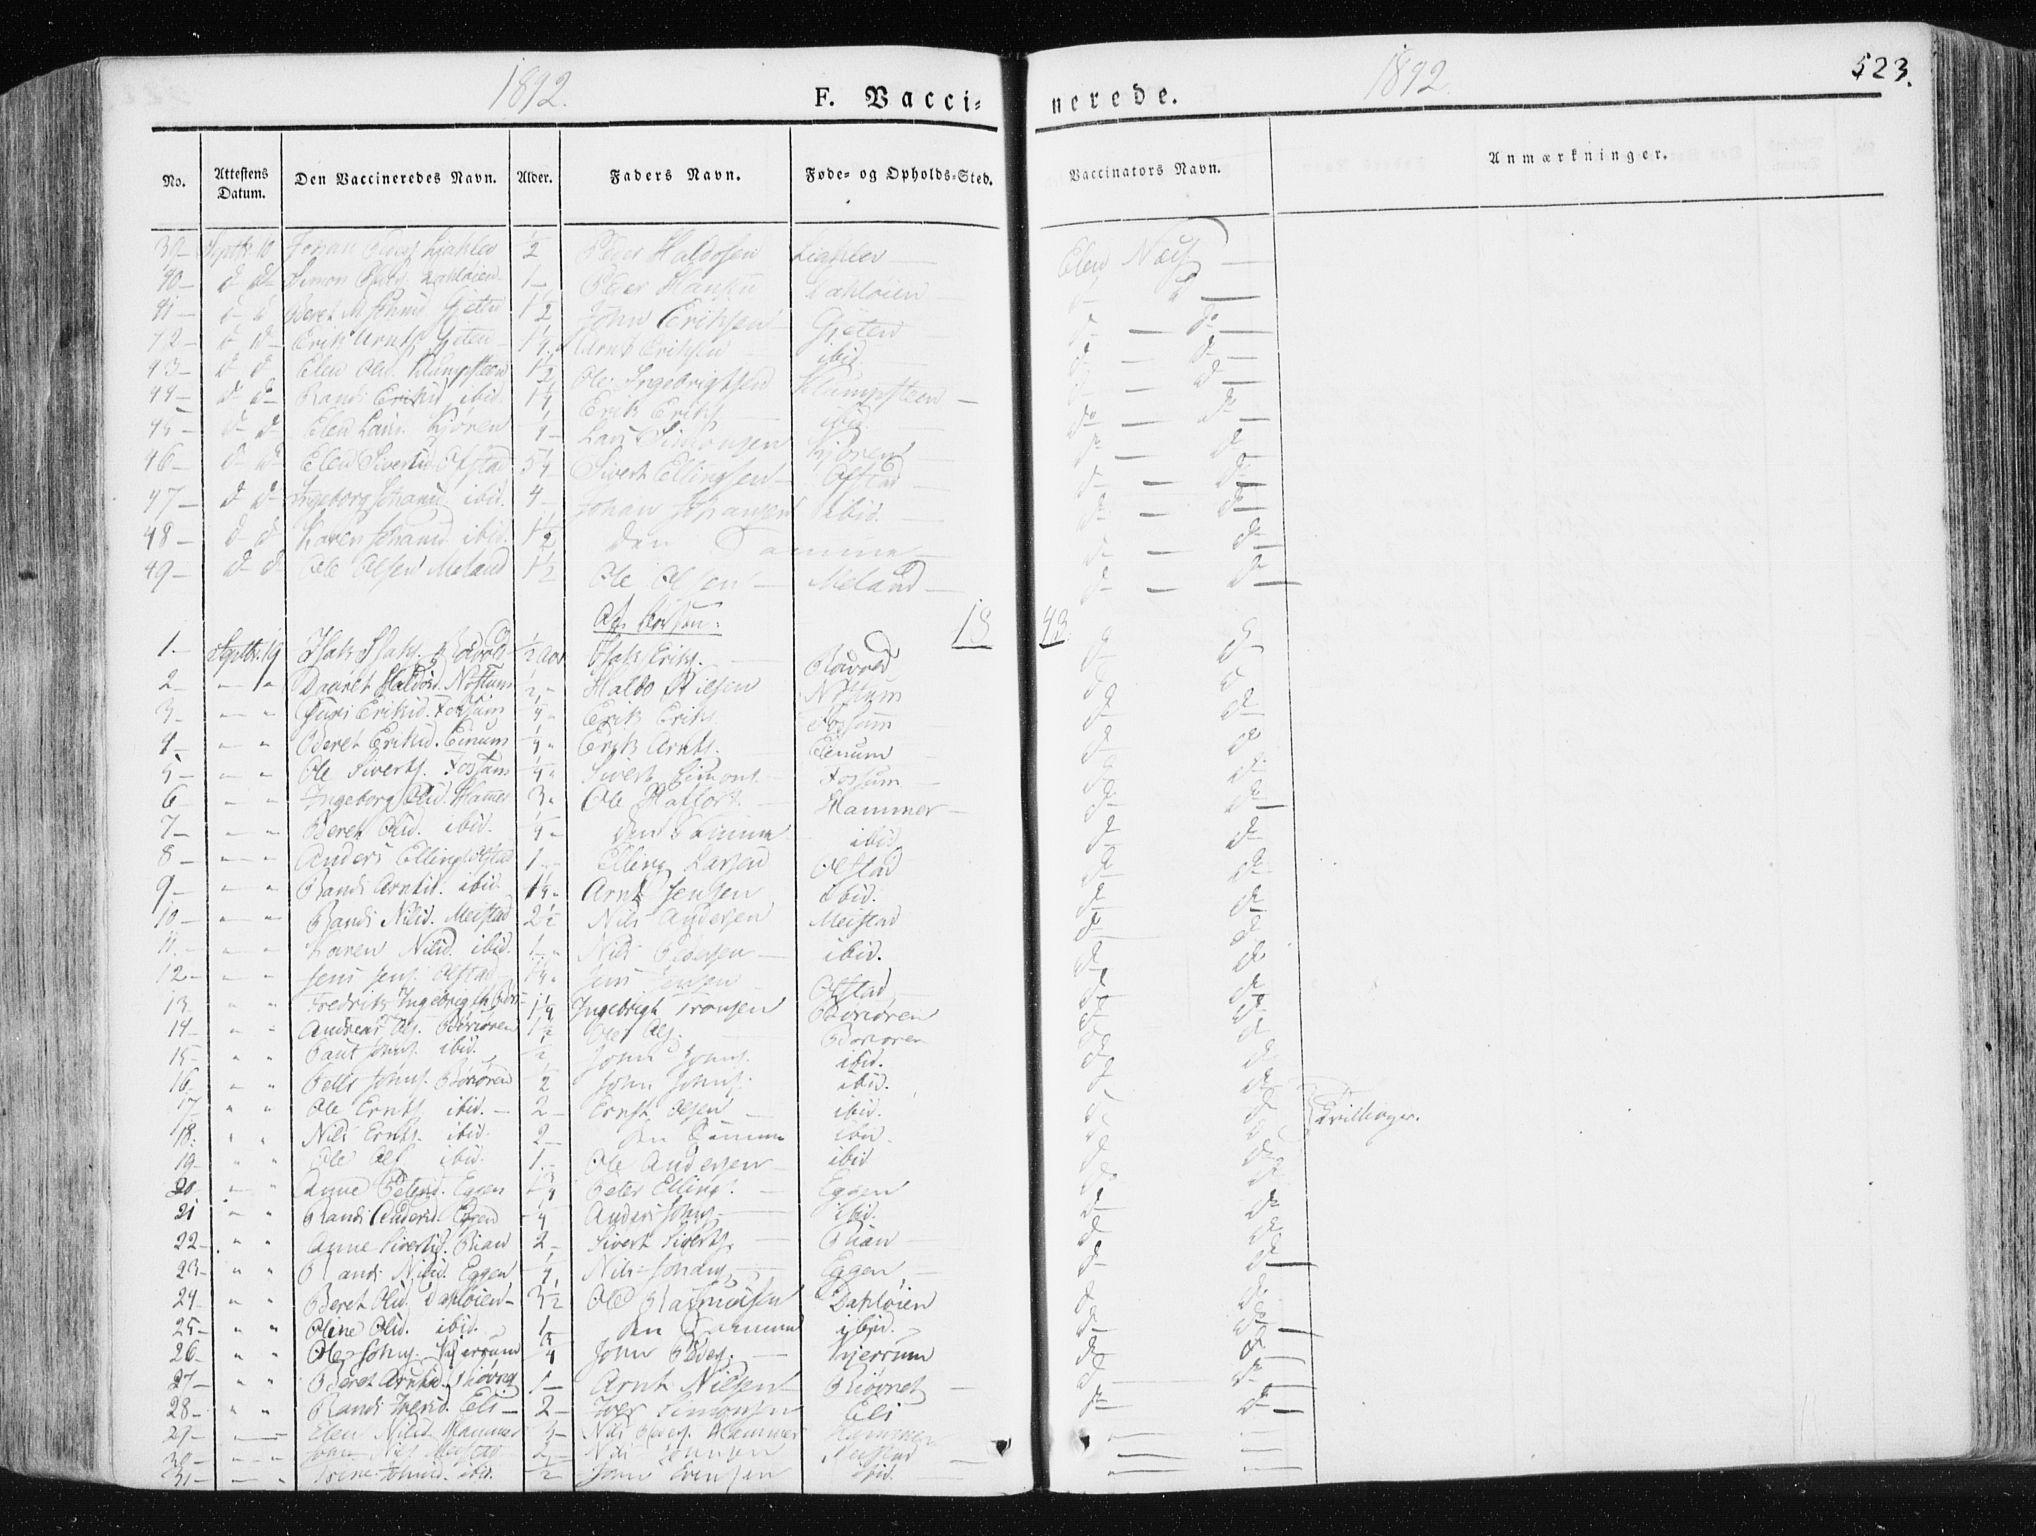 SAT, Ministerialprotokoller, klokkerbøker og fødselsregistre - Sør-Trøndelag, 665/L0771: Ministerialbok nr. 665A06, 1830-1856, s. 523